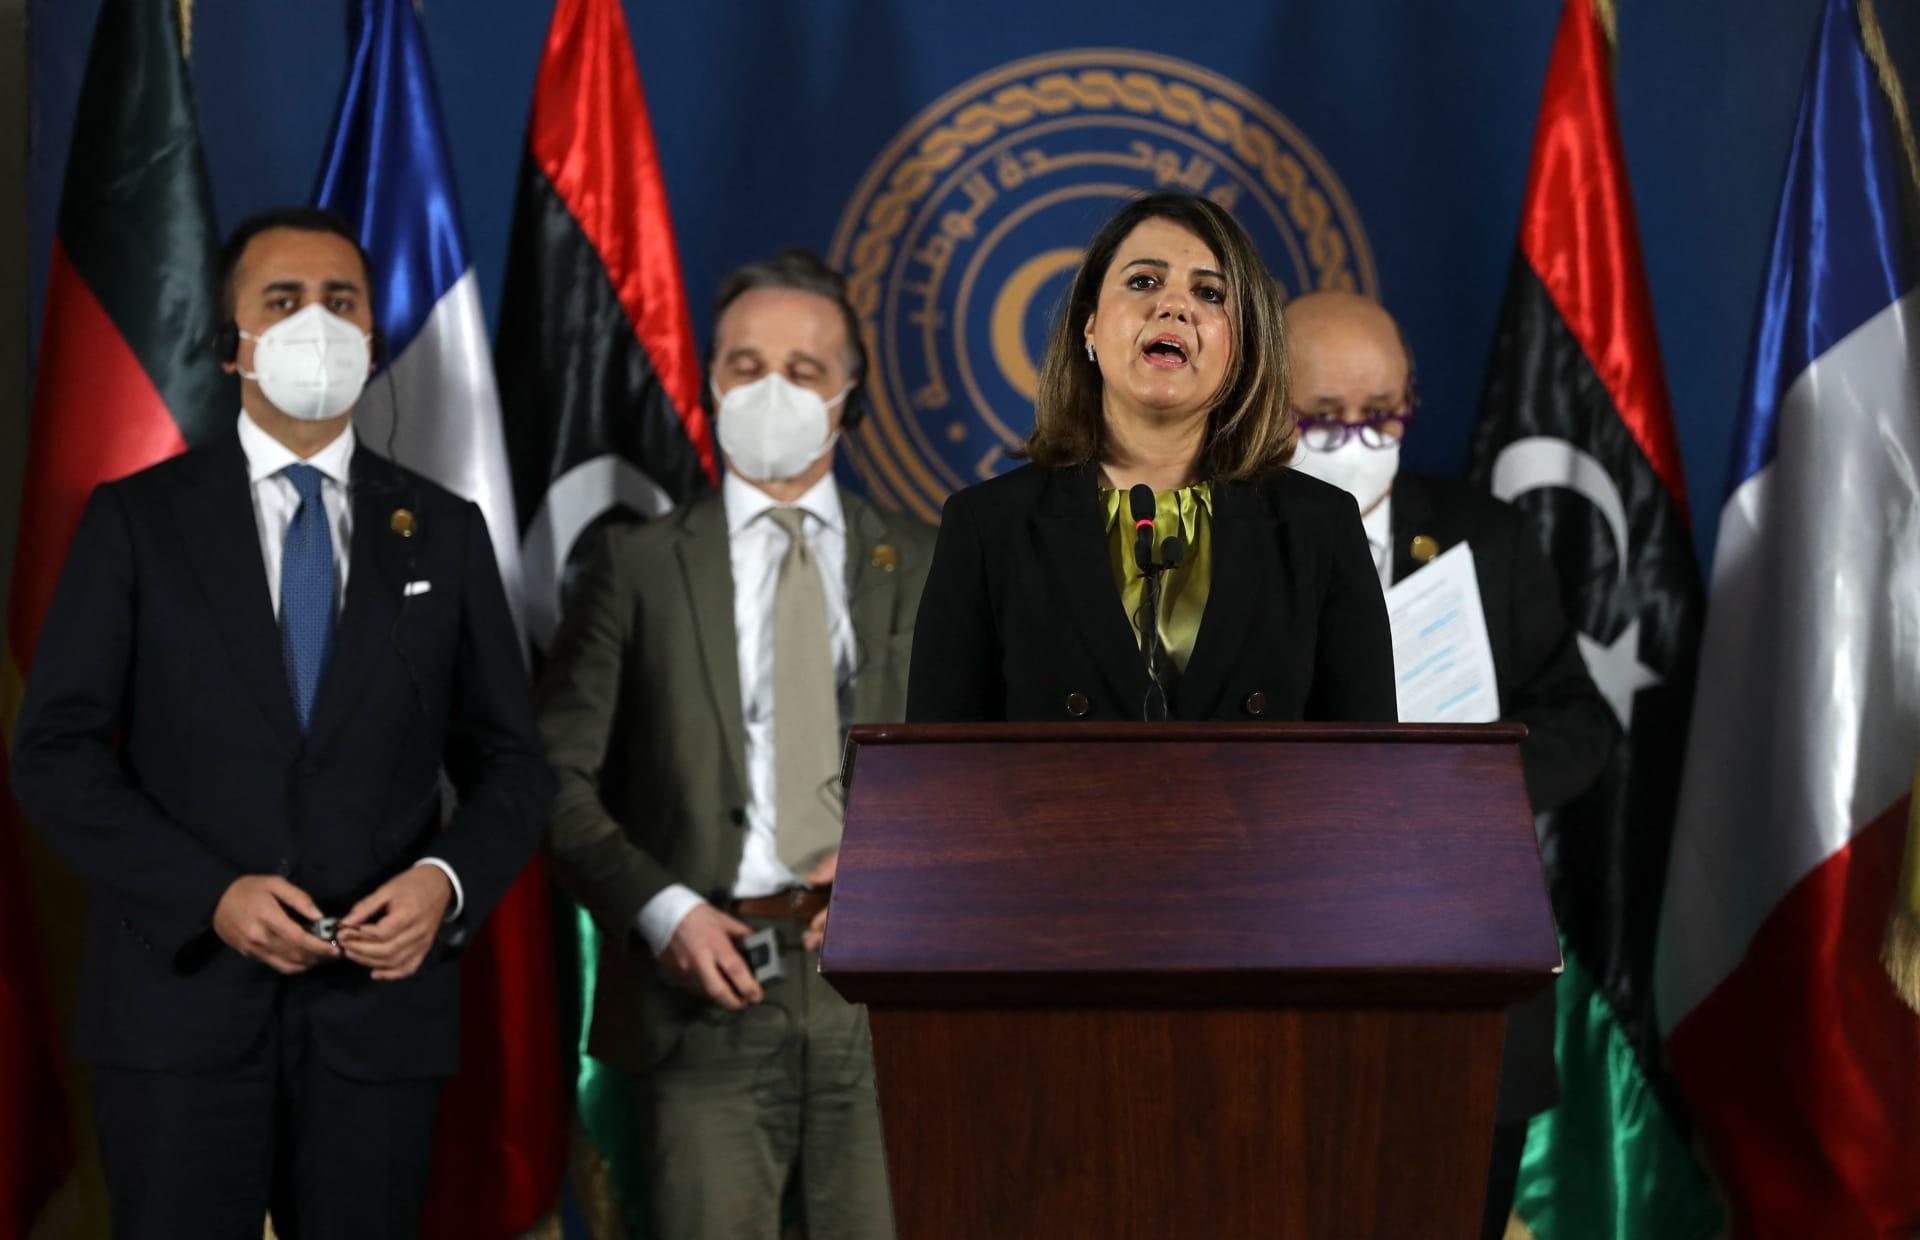 حديث وزيرة خارجية ليبيا عن مساعي حكومة الوحدة إلى خروج القوات التركية يثير جدلا